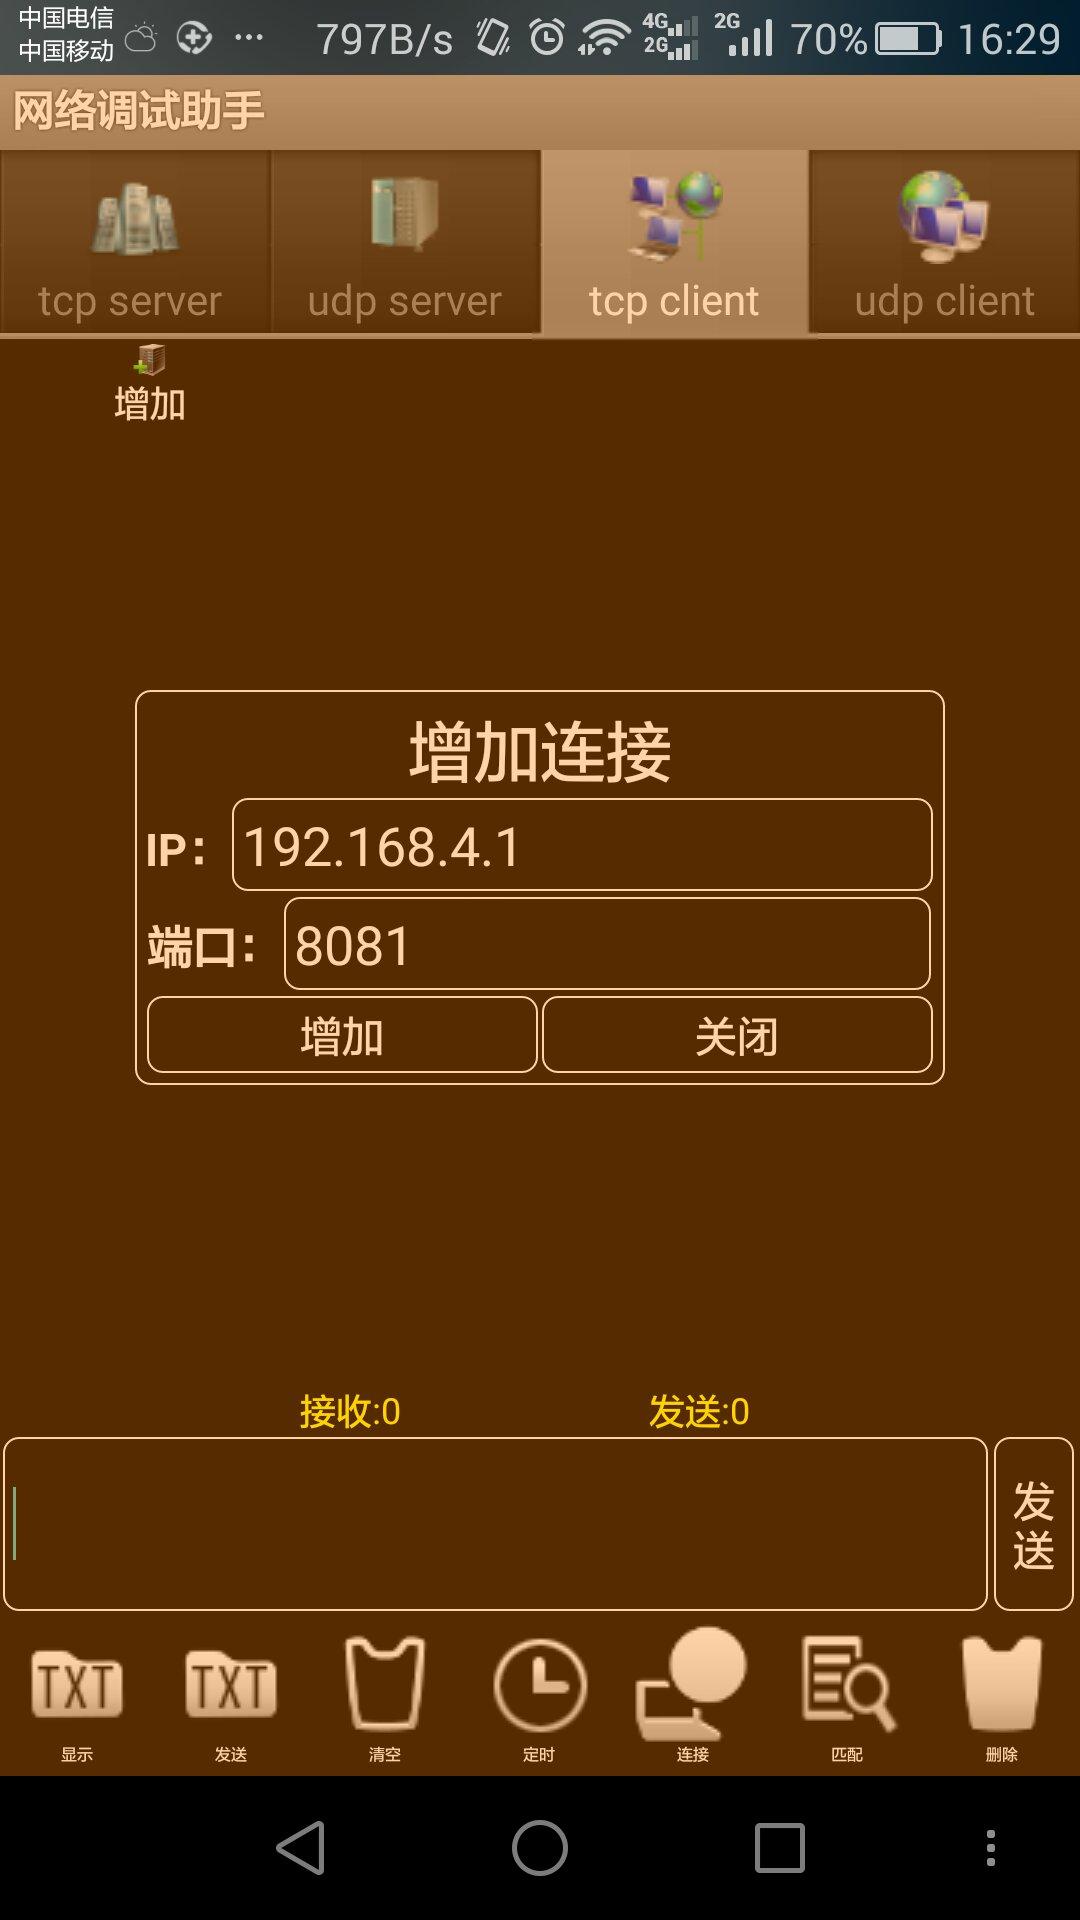 网络调试助手.jpg